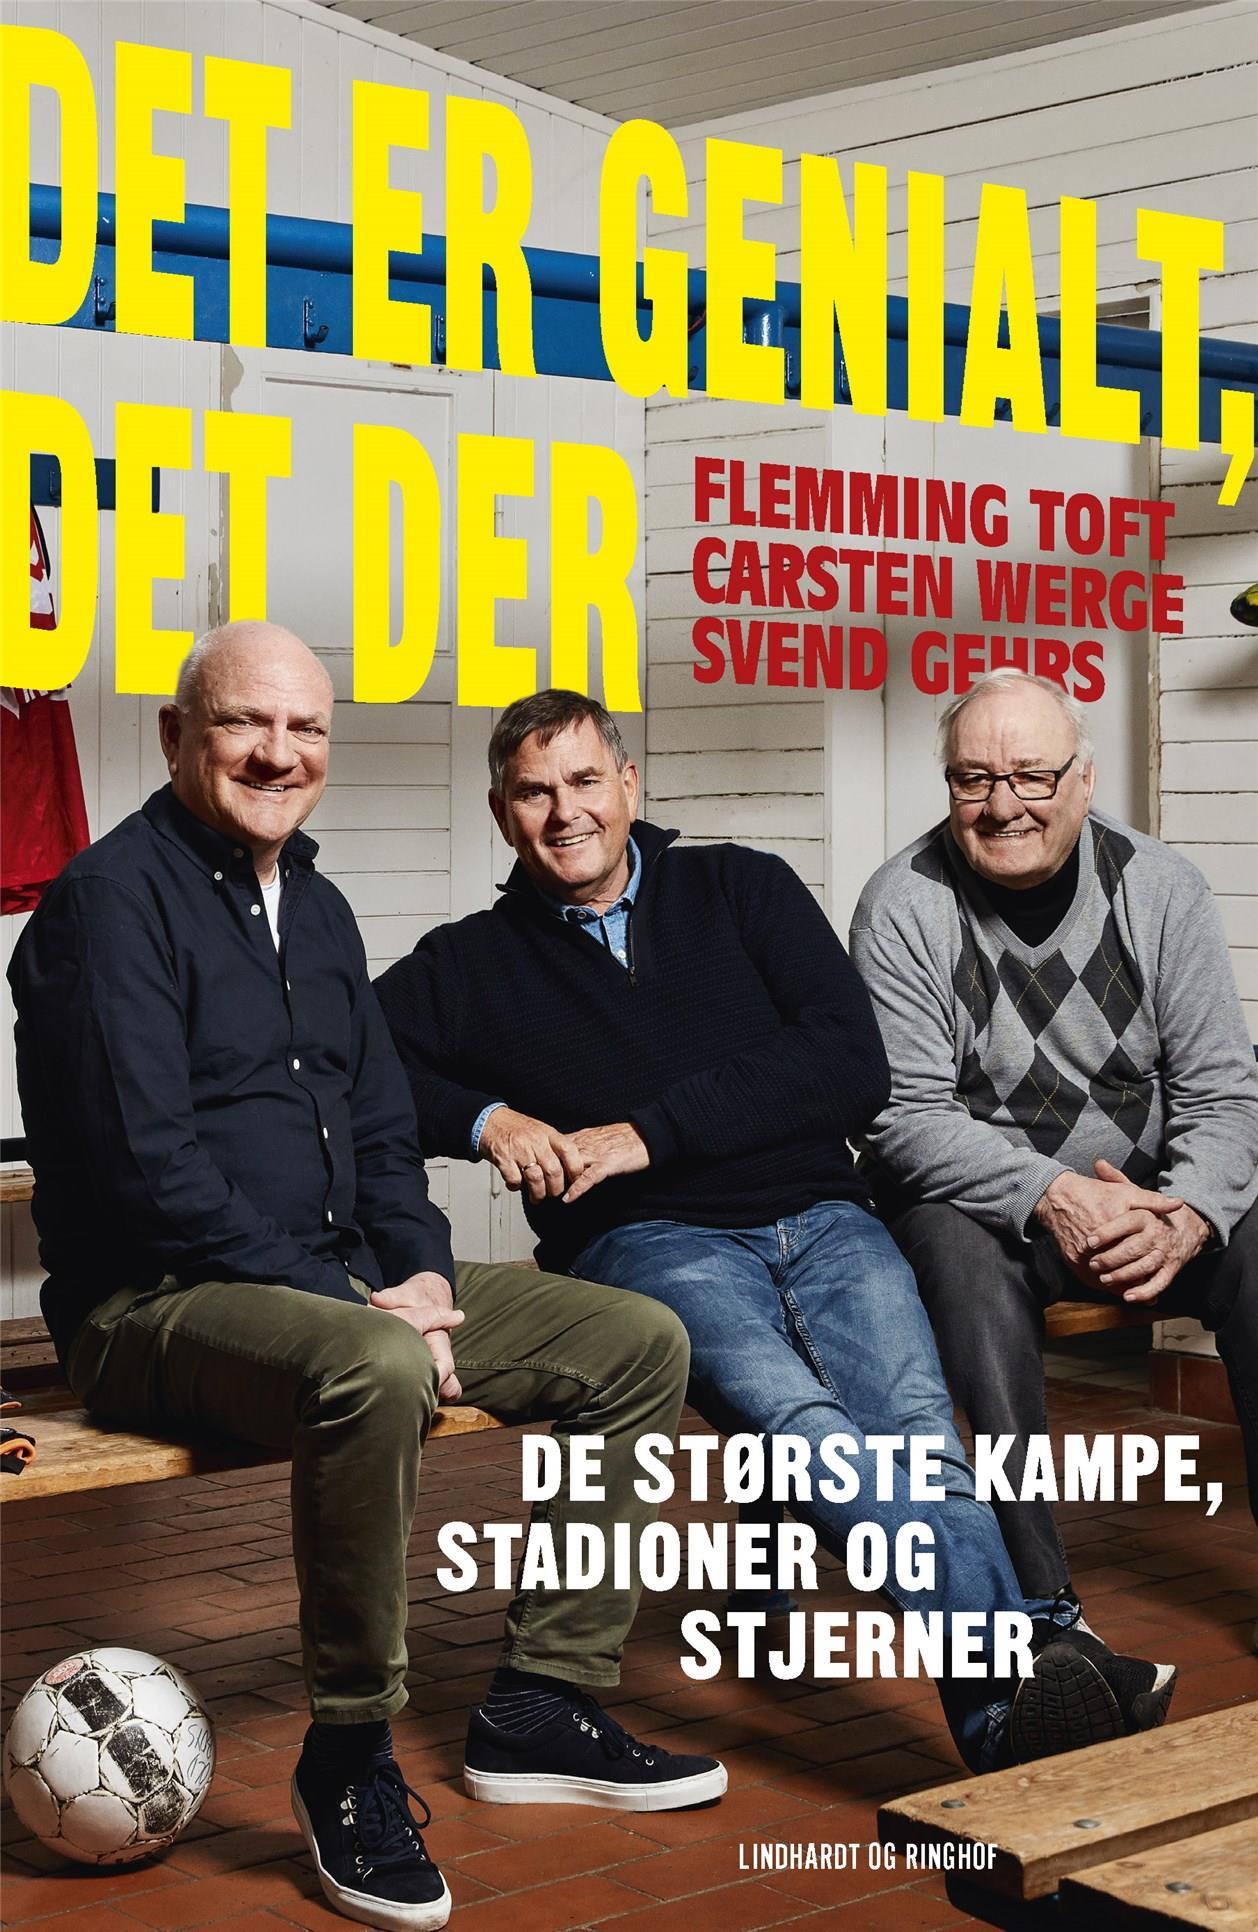 Det er genialt, det der - Carsten Werge; Flemming Toft; Svend Gehrs - Bøger - Lindhardt og Ringhof - 9788711983133 - 3. juni 2020